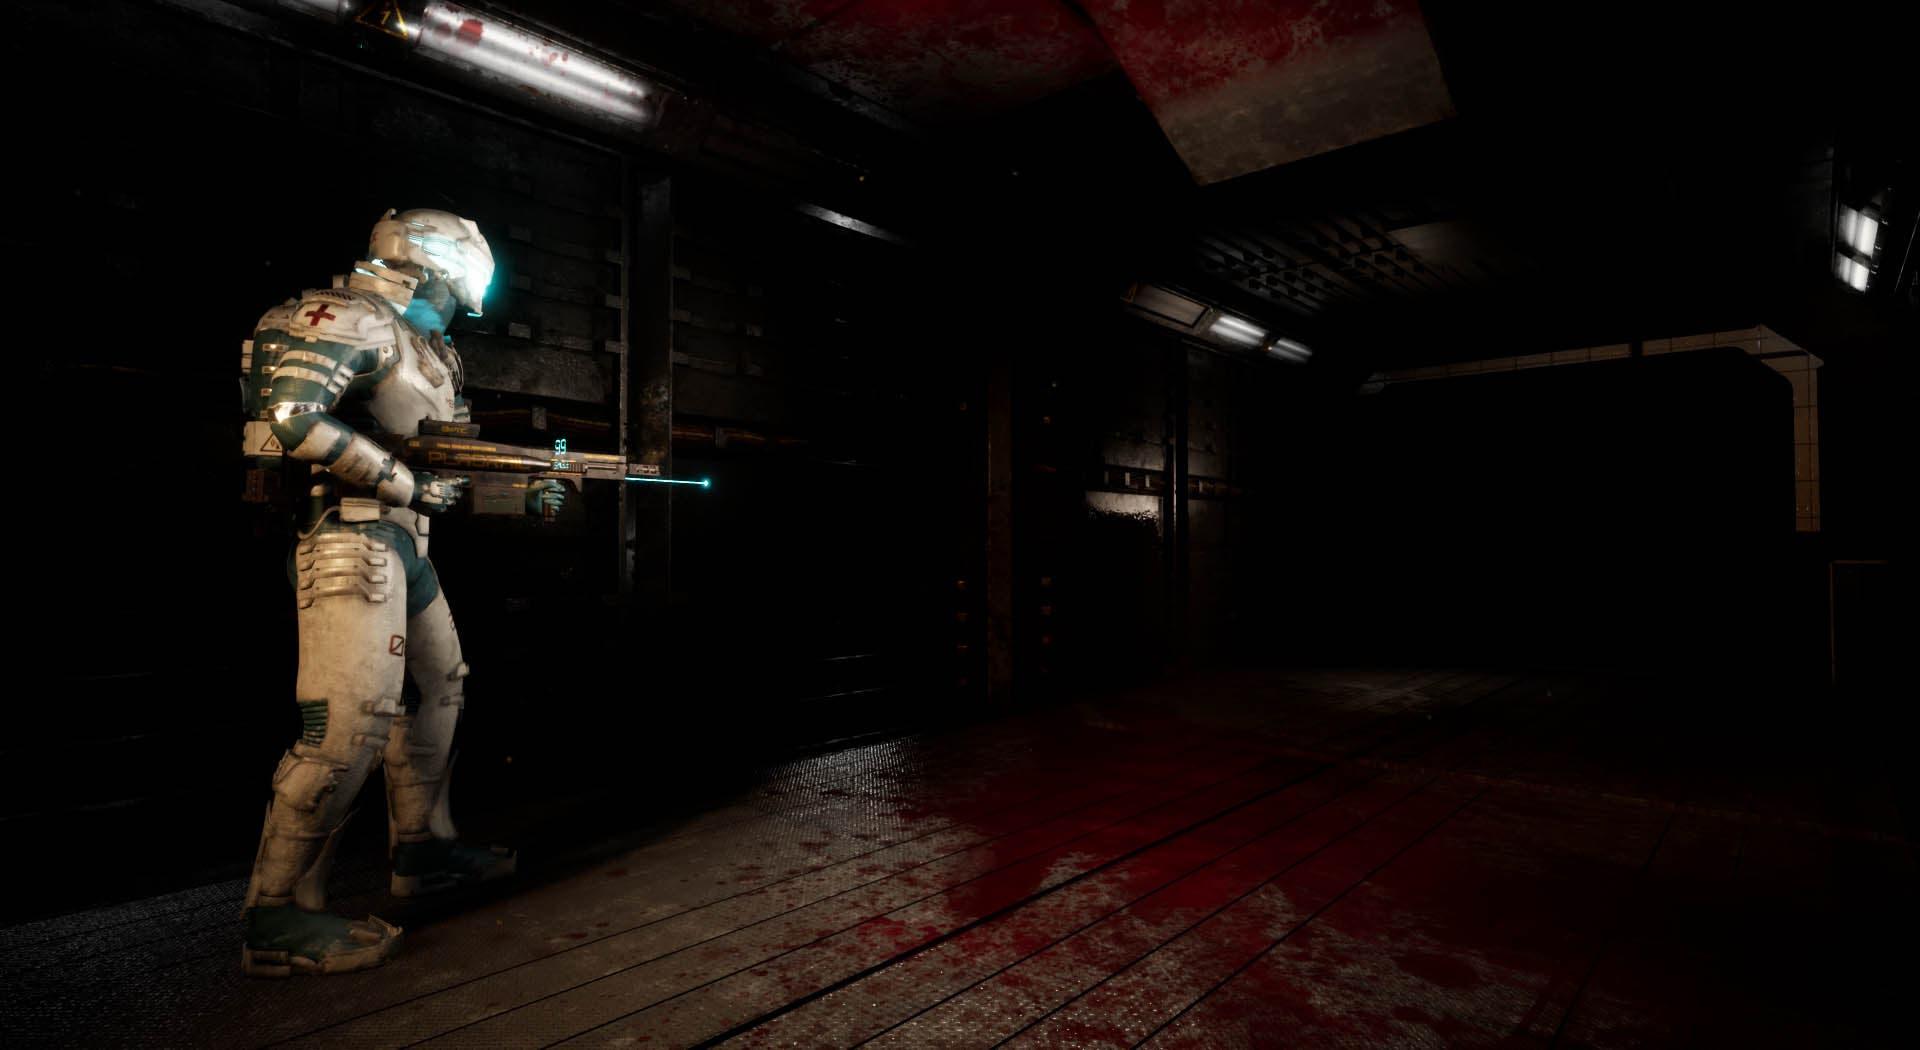 Negative Atmosphere, un sucesor espiritual de Dead Space, busca recursos para ser desarrollado 2